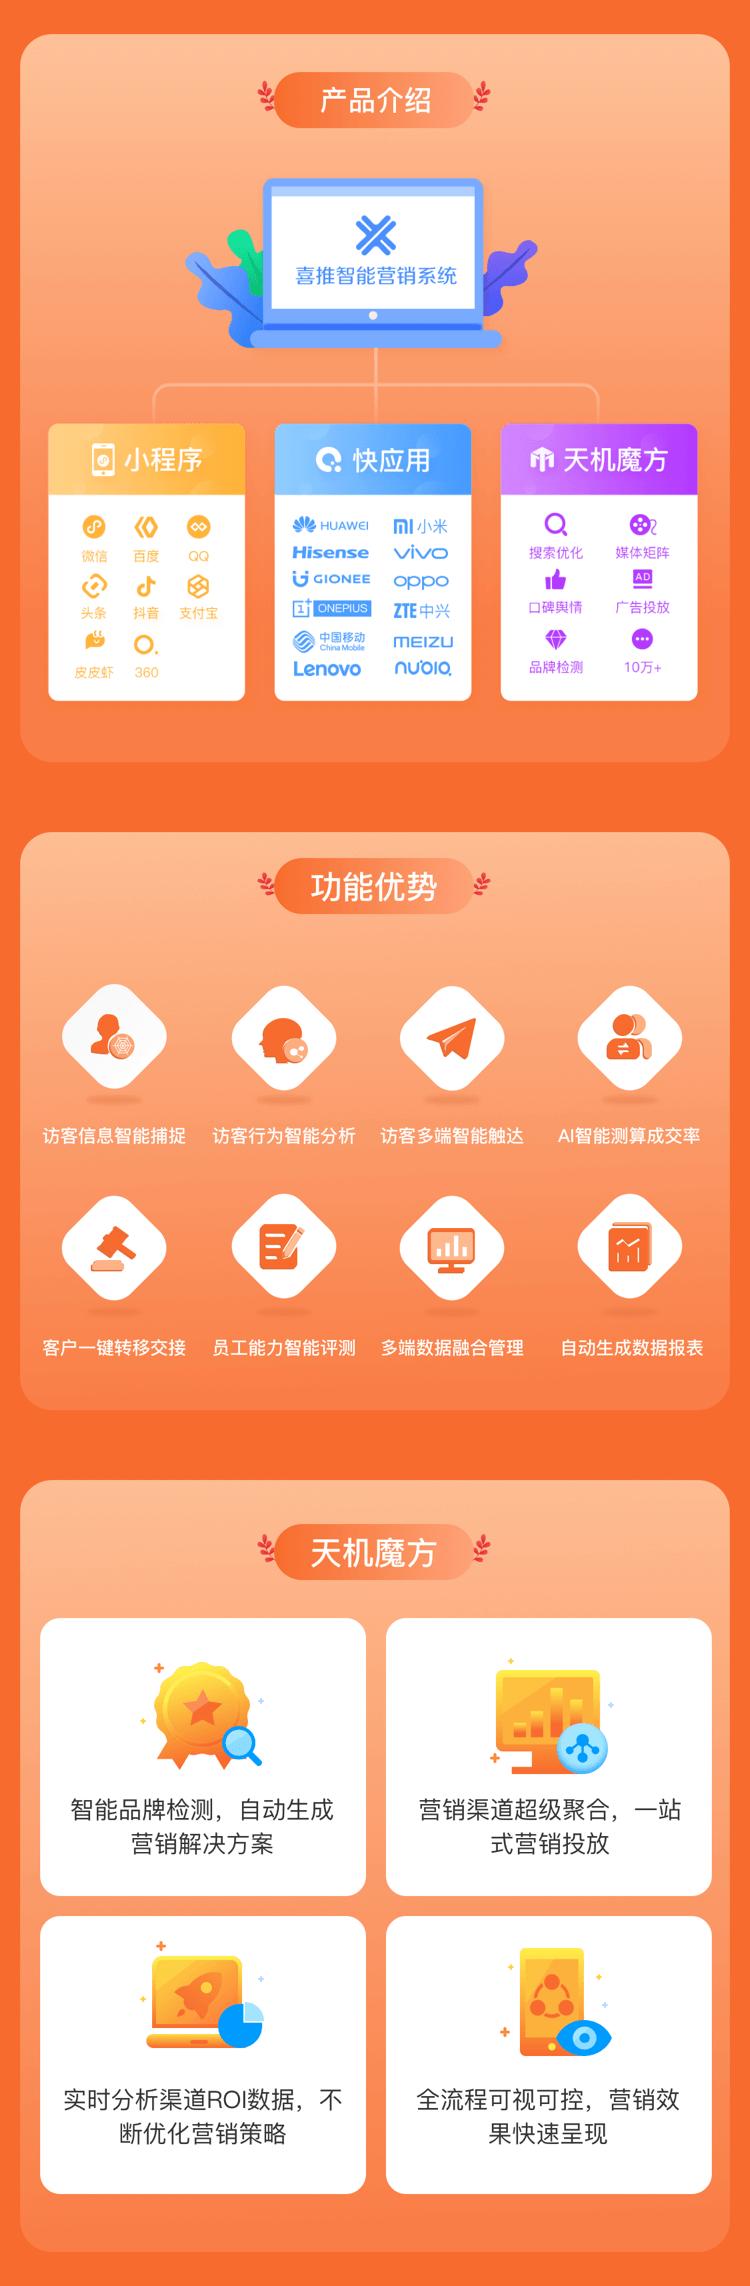 2产品介绍+功能优势+天机魔方@2x.png